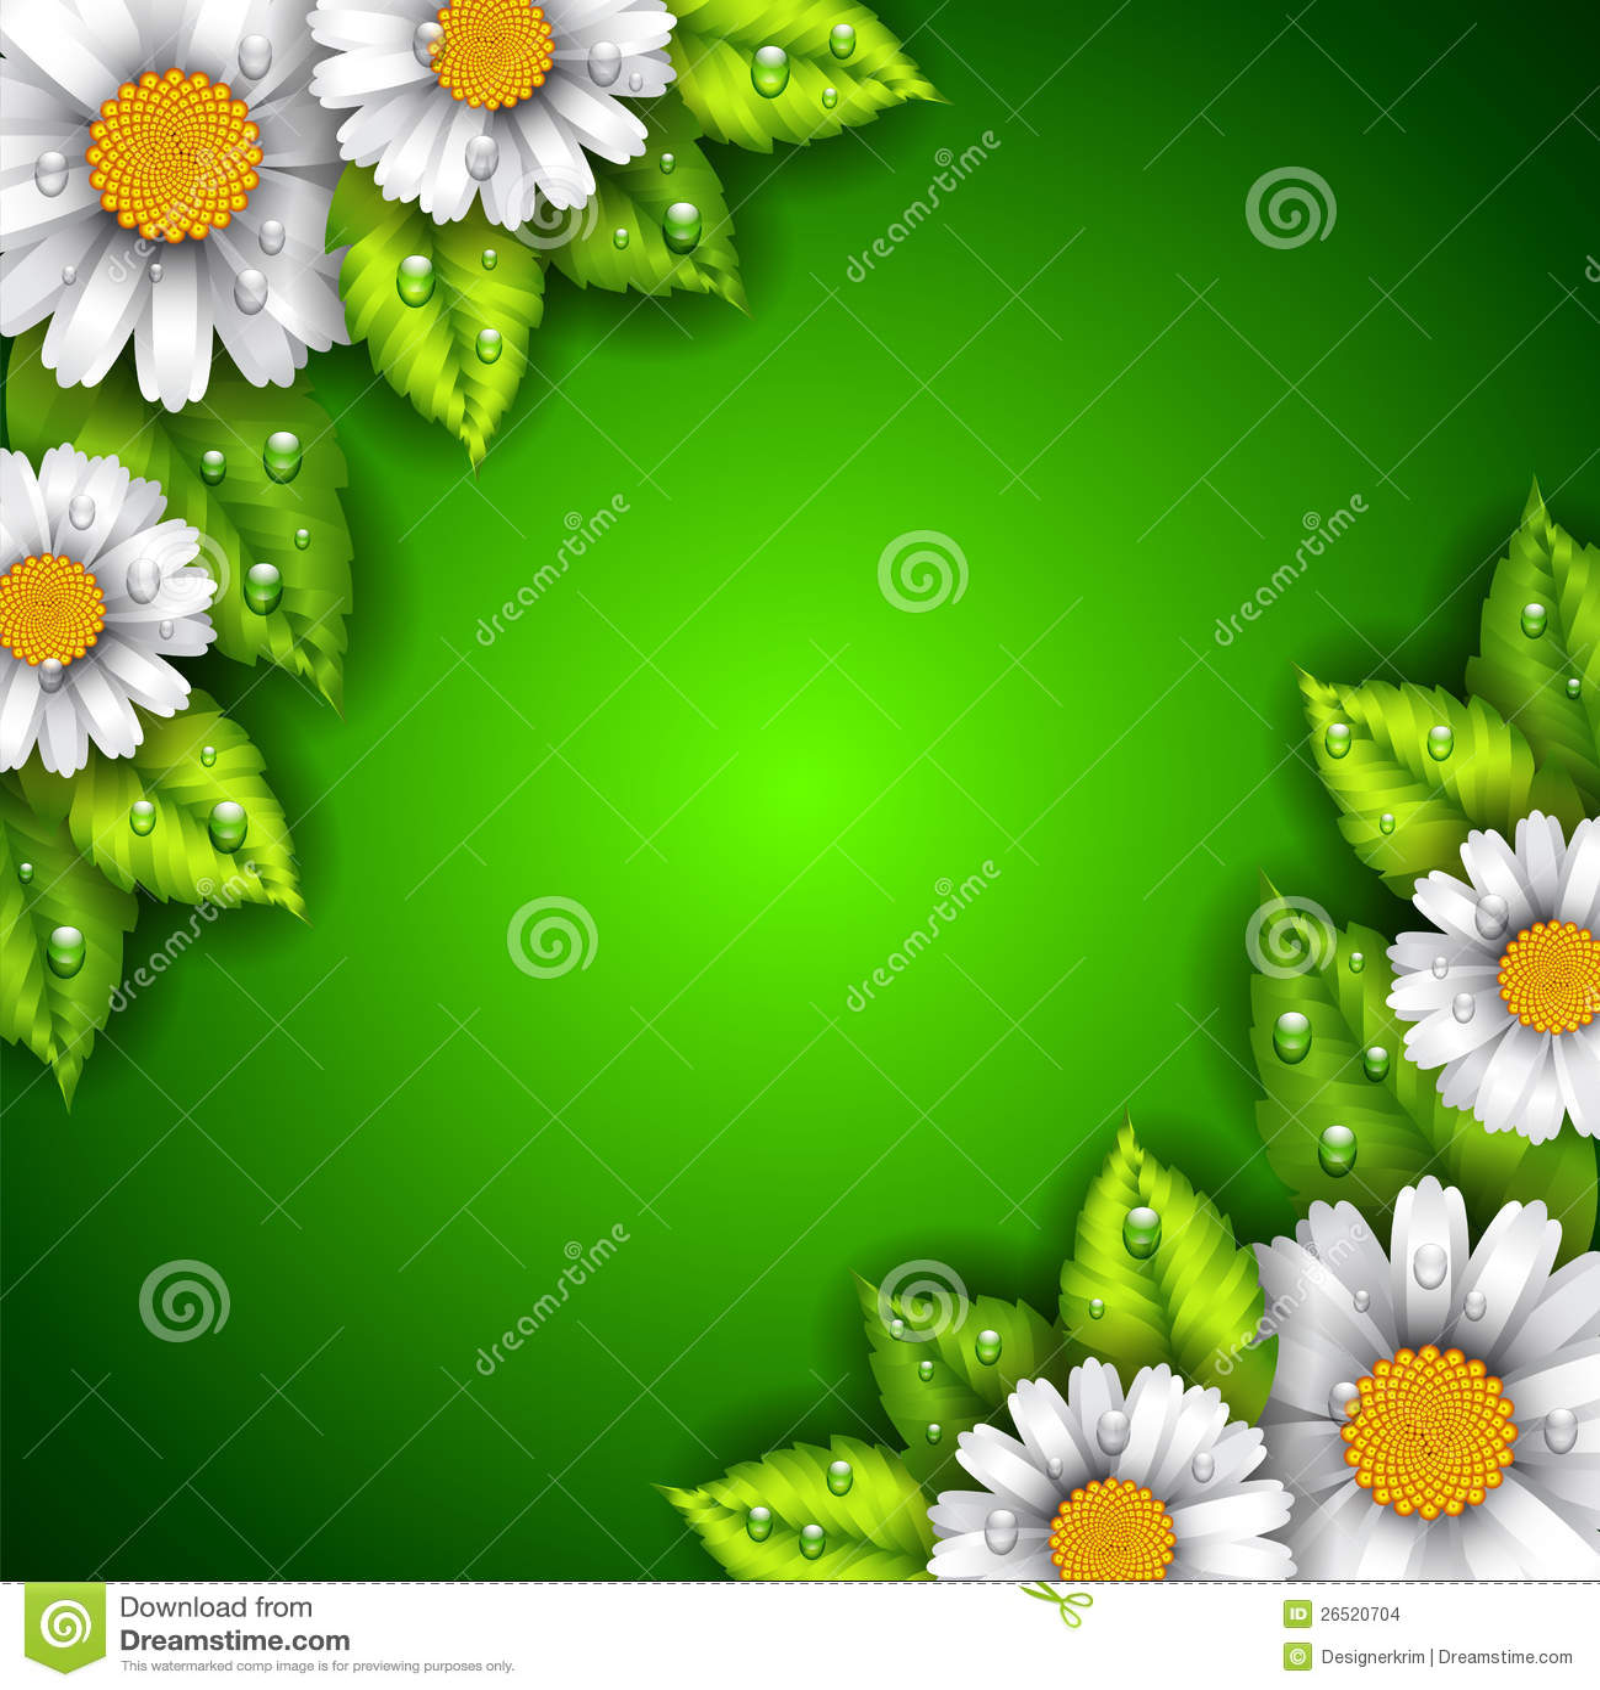 Fundo verde com flores e folhas